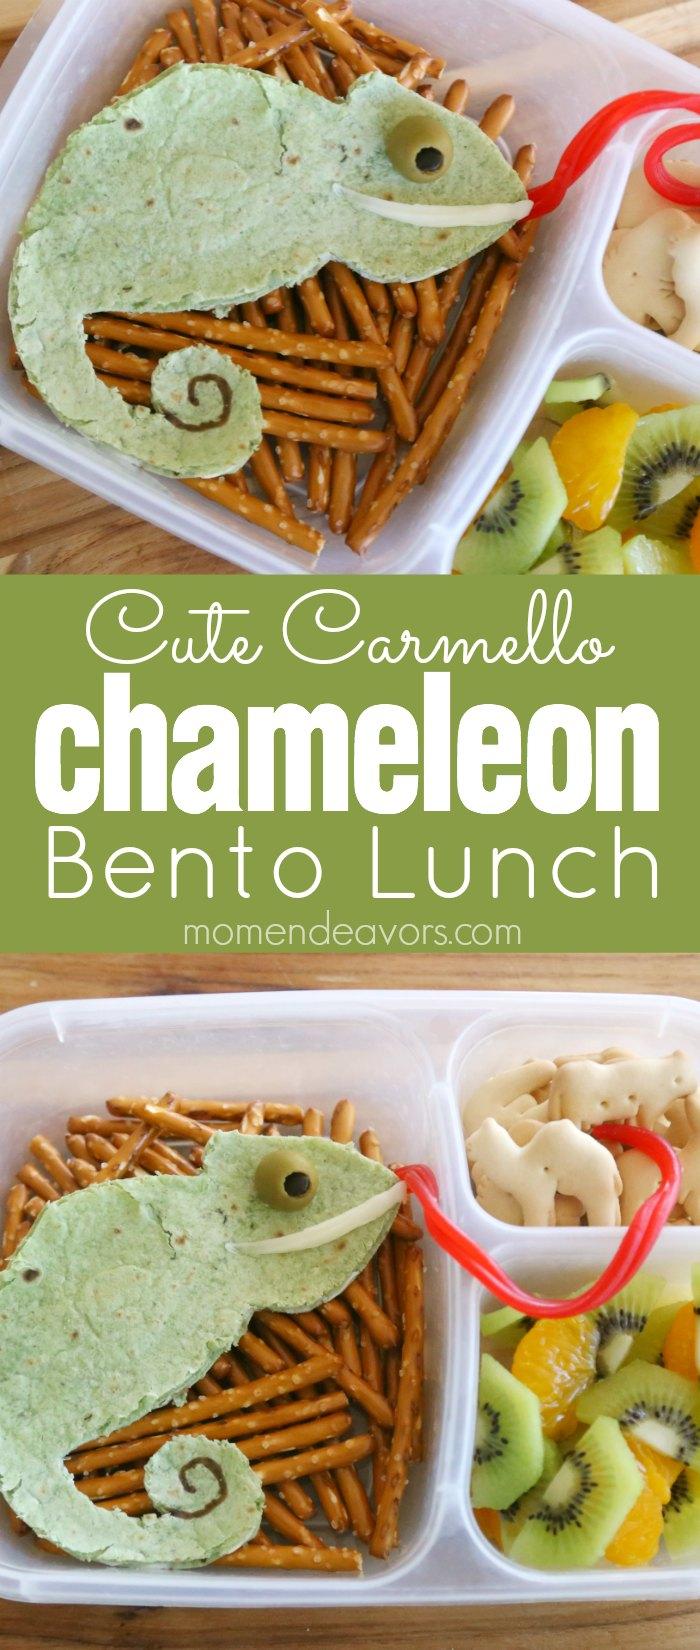 Chameleon Bento Lunch